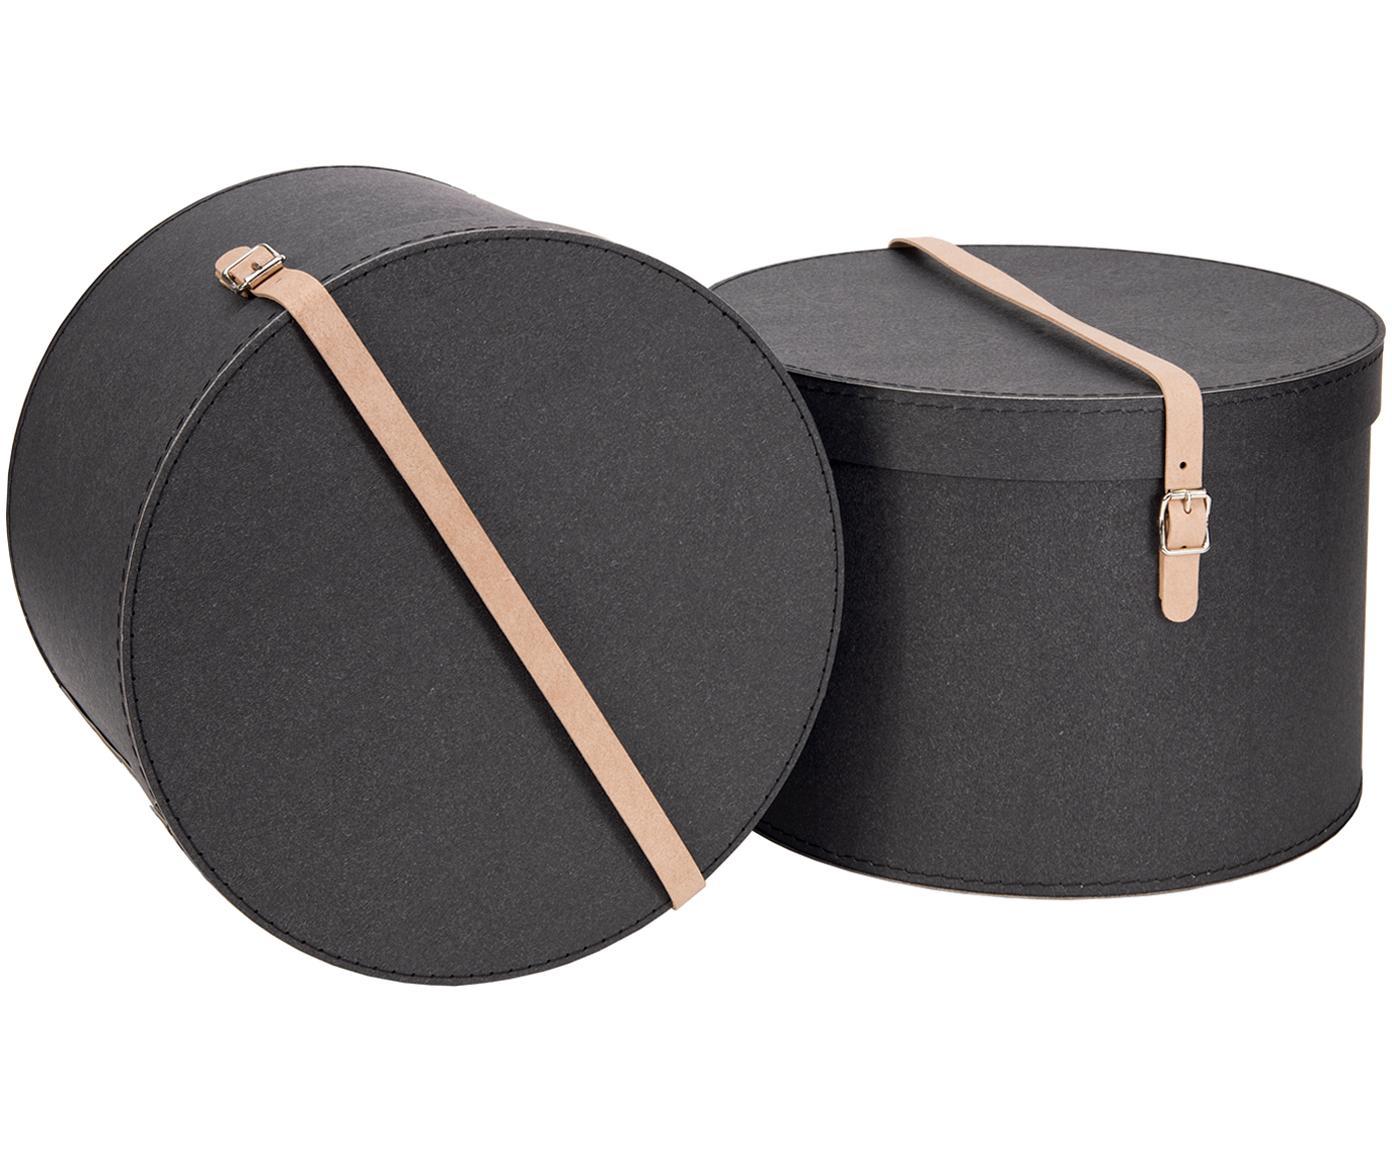 Opbergdozen set Rut, 2-delig, Doos: massief karton, met houtd, Doos buitenzijde: zwart. Doos binnenzijde: zwart. Handvat: beige, Verschillende formaten